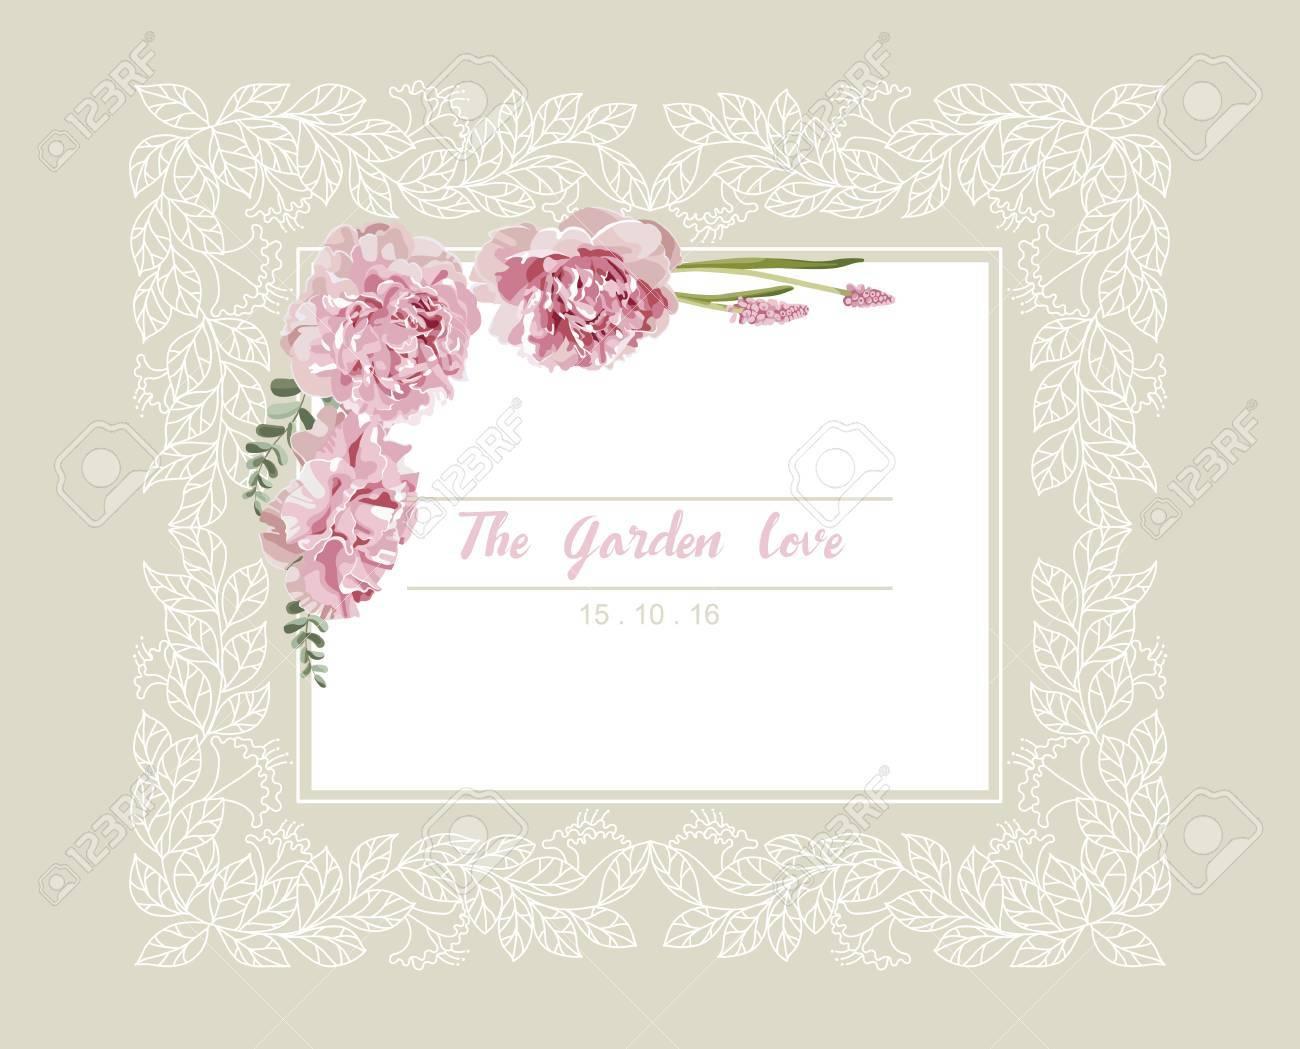 Romantische Hochzeitseinladung Vintage Karte Mit Rosa Und Gelben